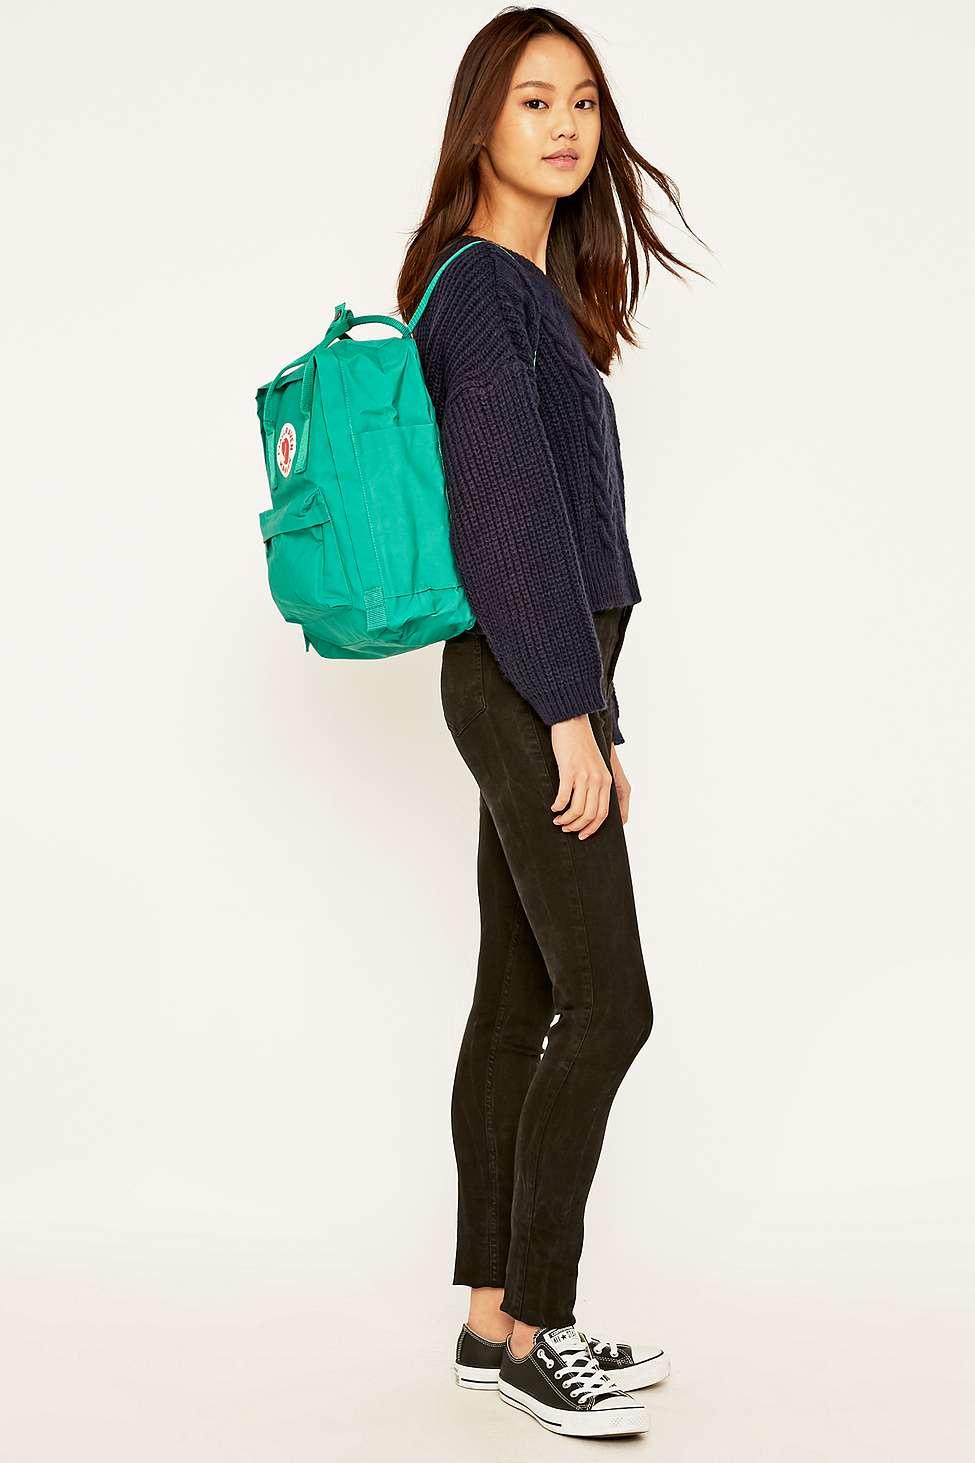 Fjallraven Kanken Classic Teal Backpack in Blue